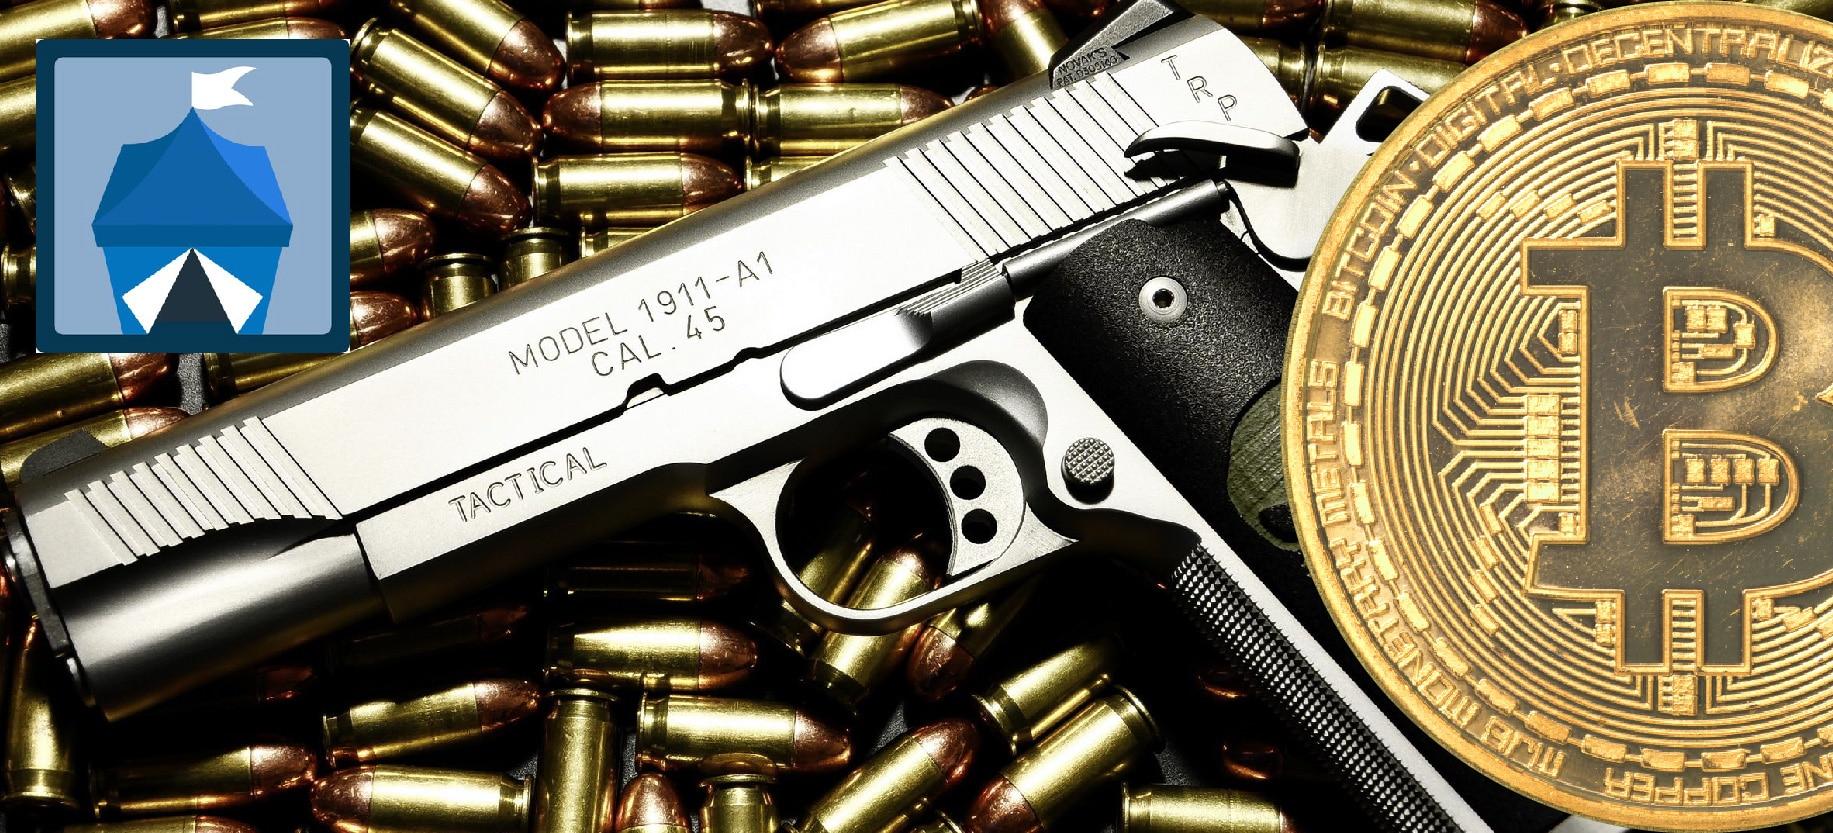 OpenBazzar bitcoin guns